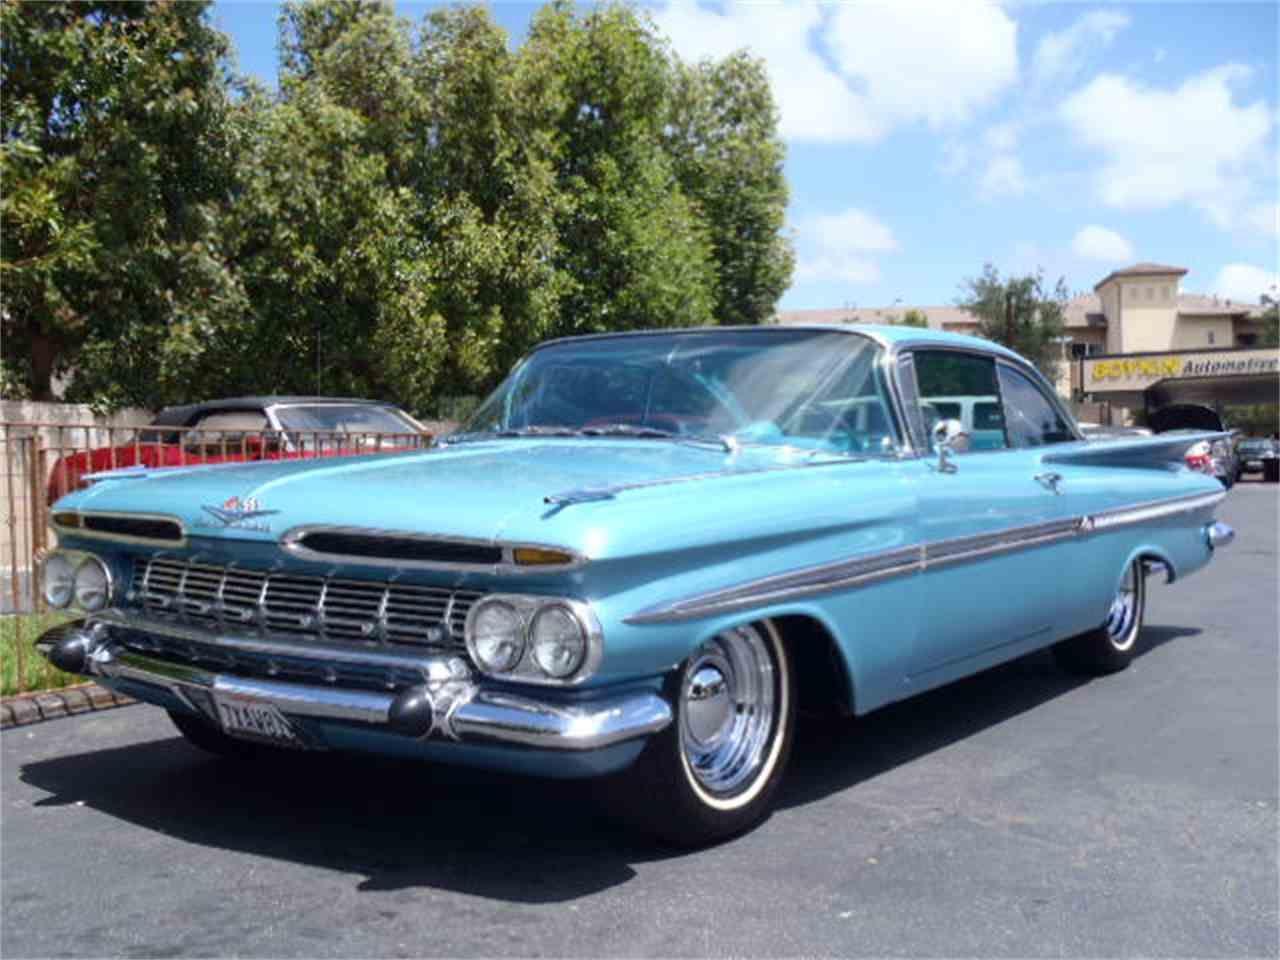 Kuvahaun tulos haulle bel air 2d 1959 | Chevys | Pinterest | Bel ...